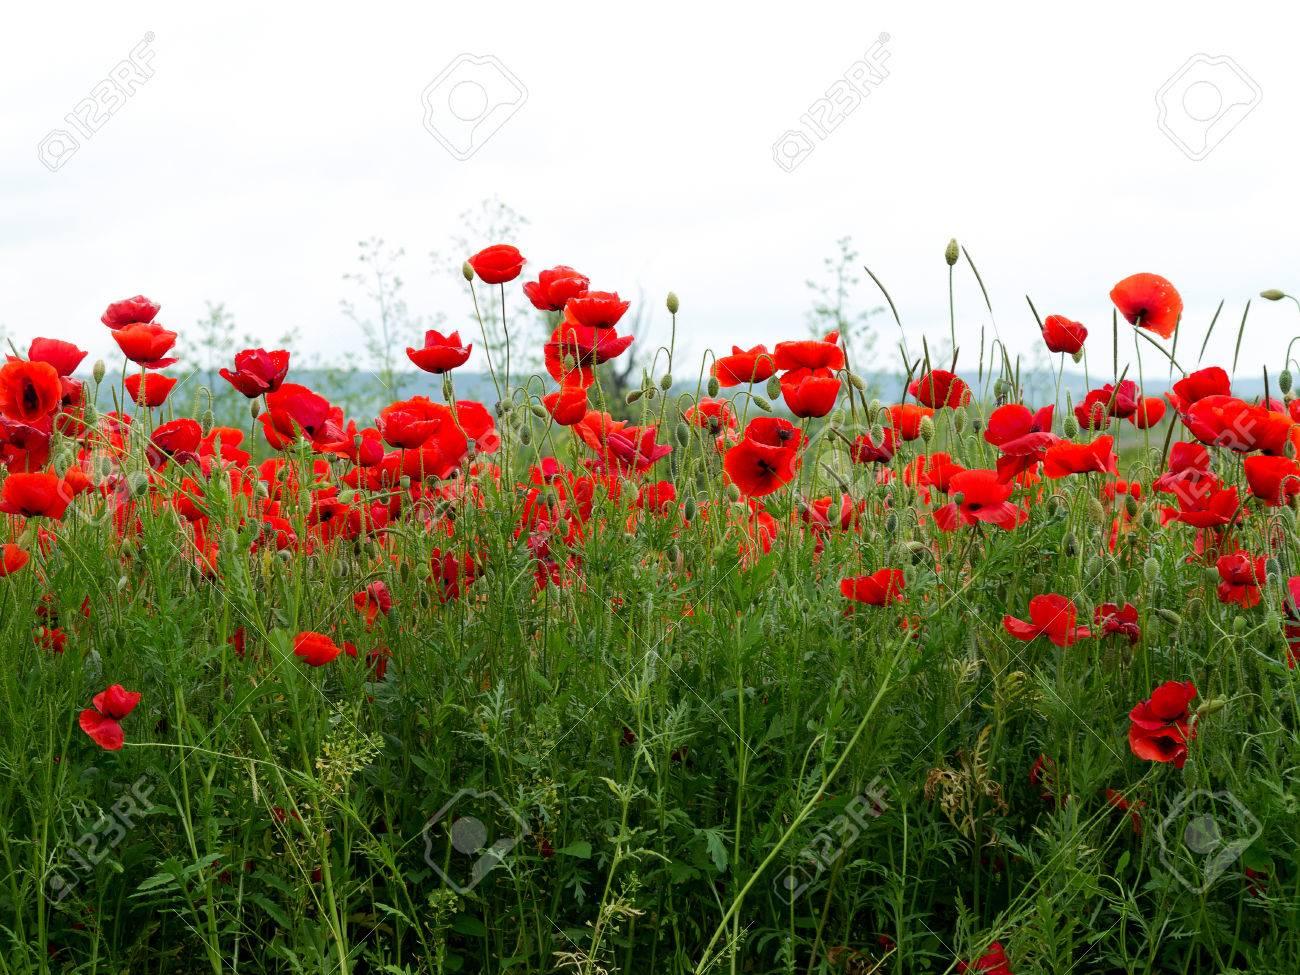 Rote Mohnblumen Auf Einem Feld In Einem Sommer Sonnigen Tag In